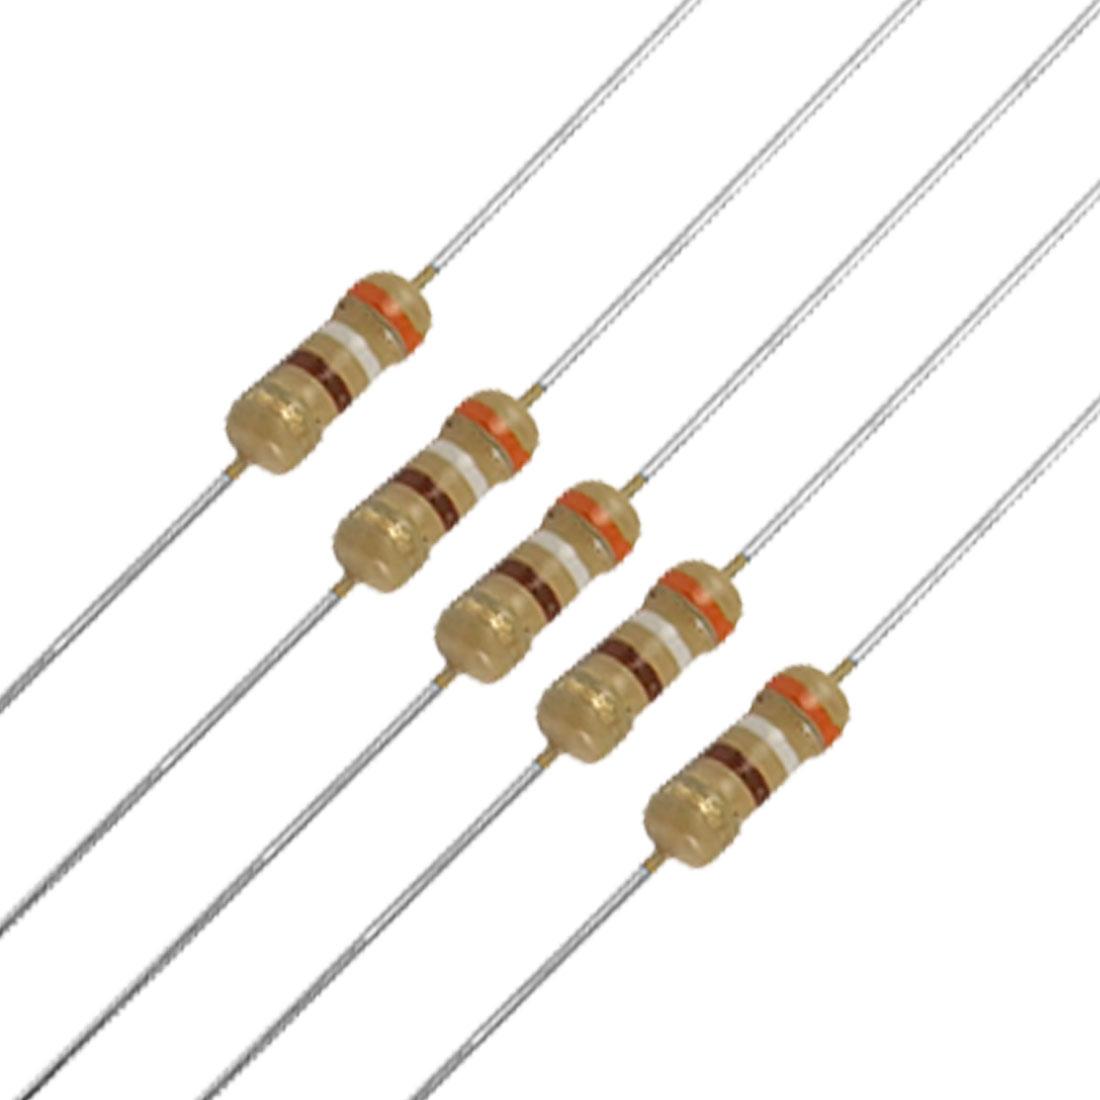 100 x 1/4W 250V 390 Ohm Axial Carbon Film Resistors